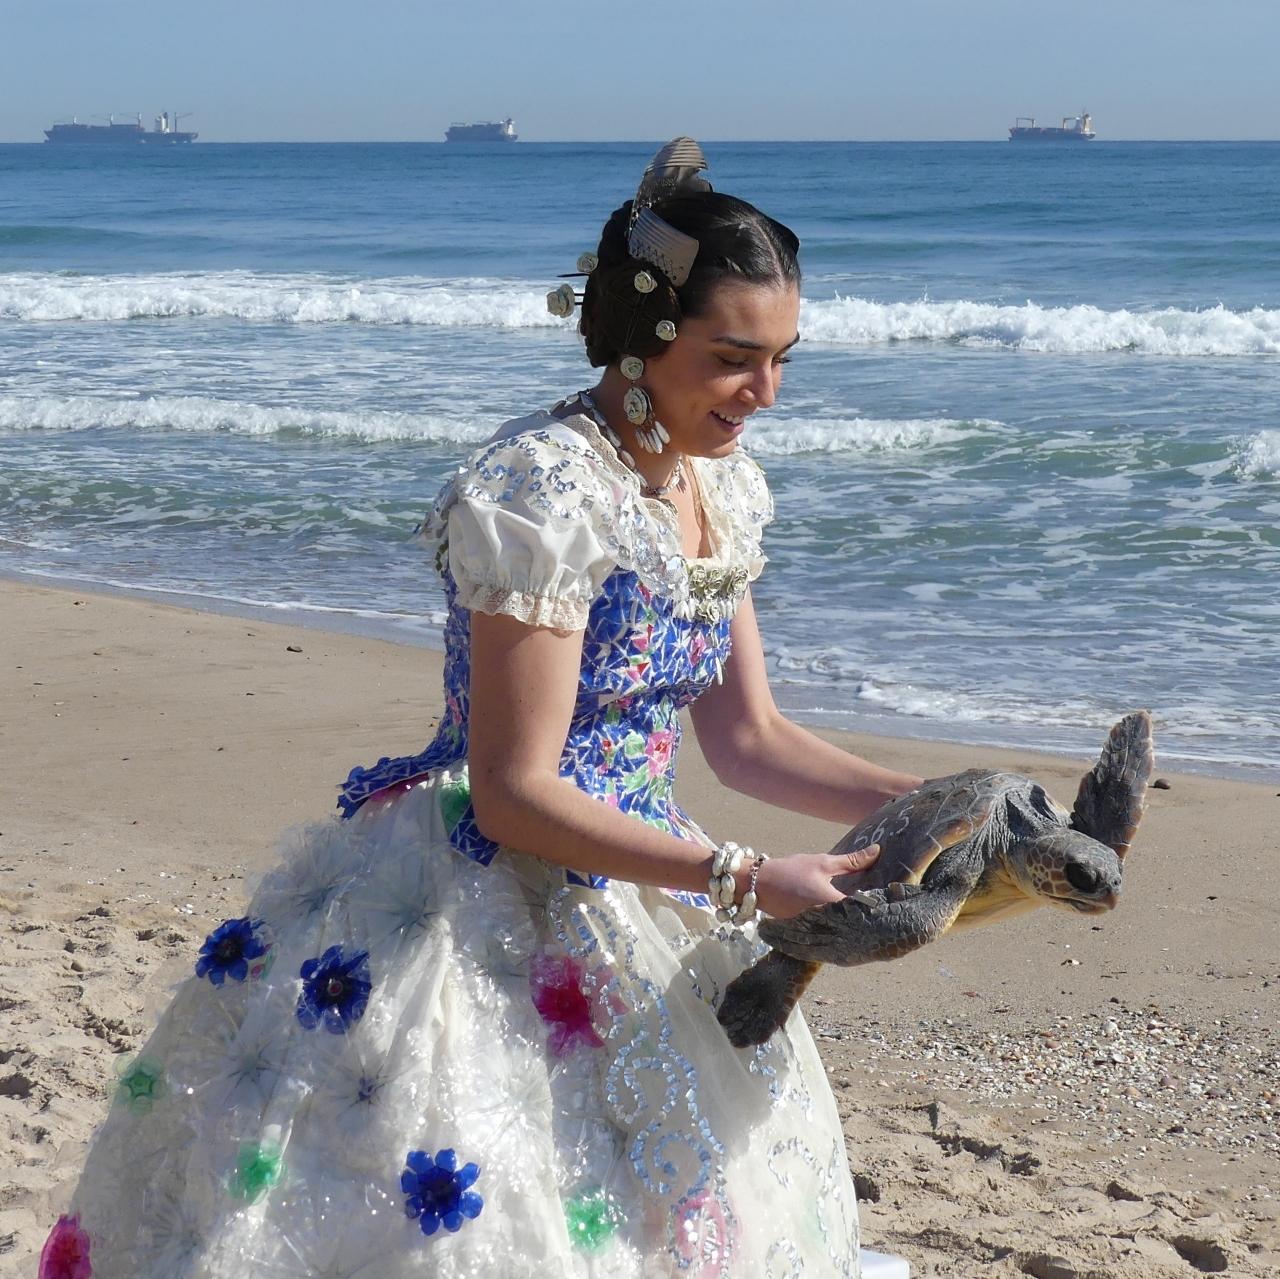 Vestido reciclado, suelta de tortugas y fallas